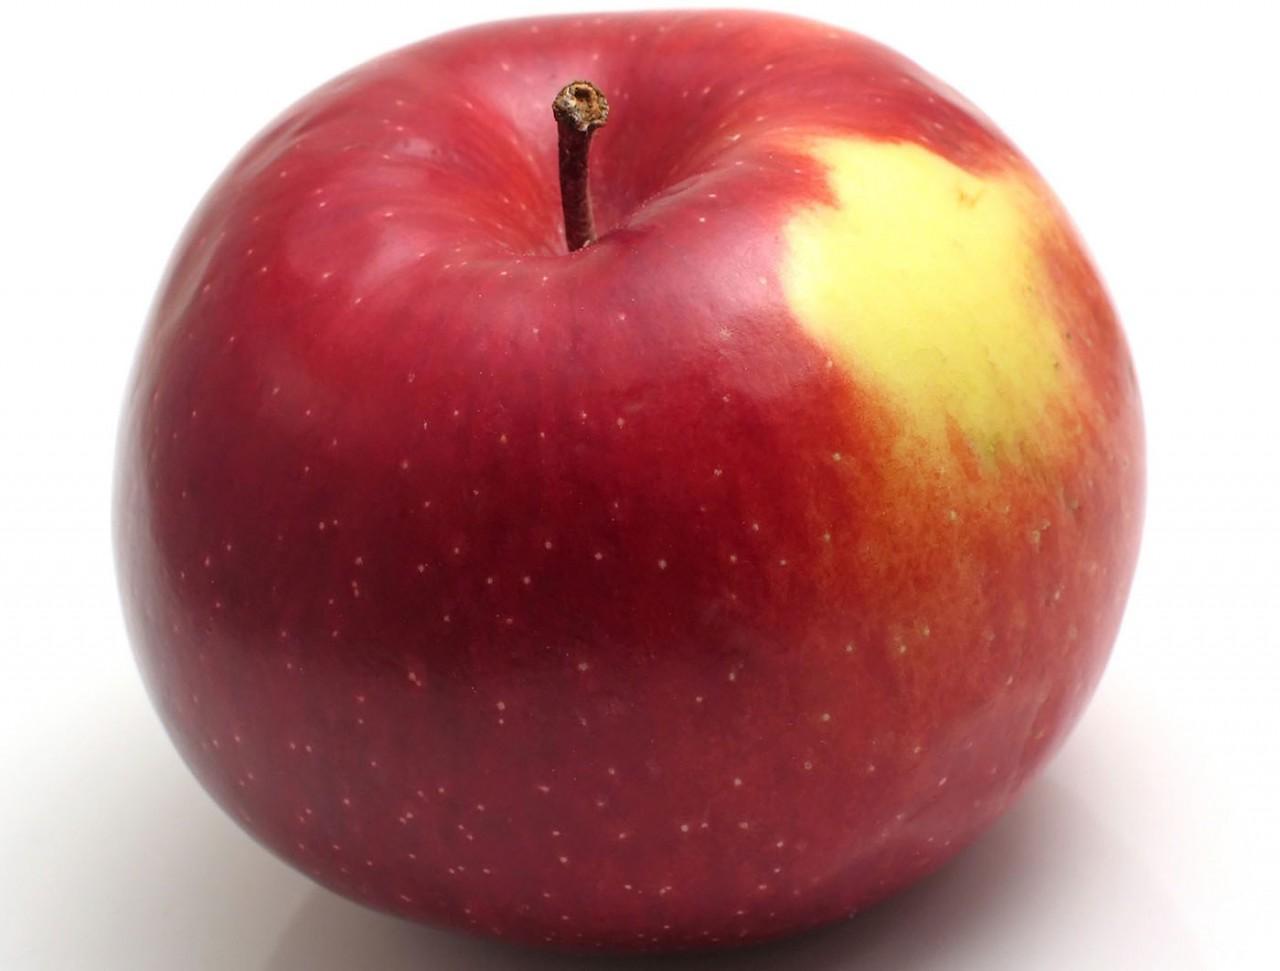 Распространенный сорт с крупными плодами — Айдаред